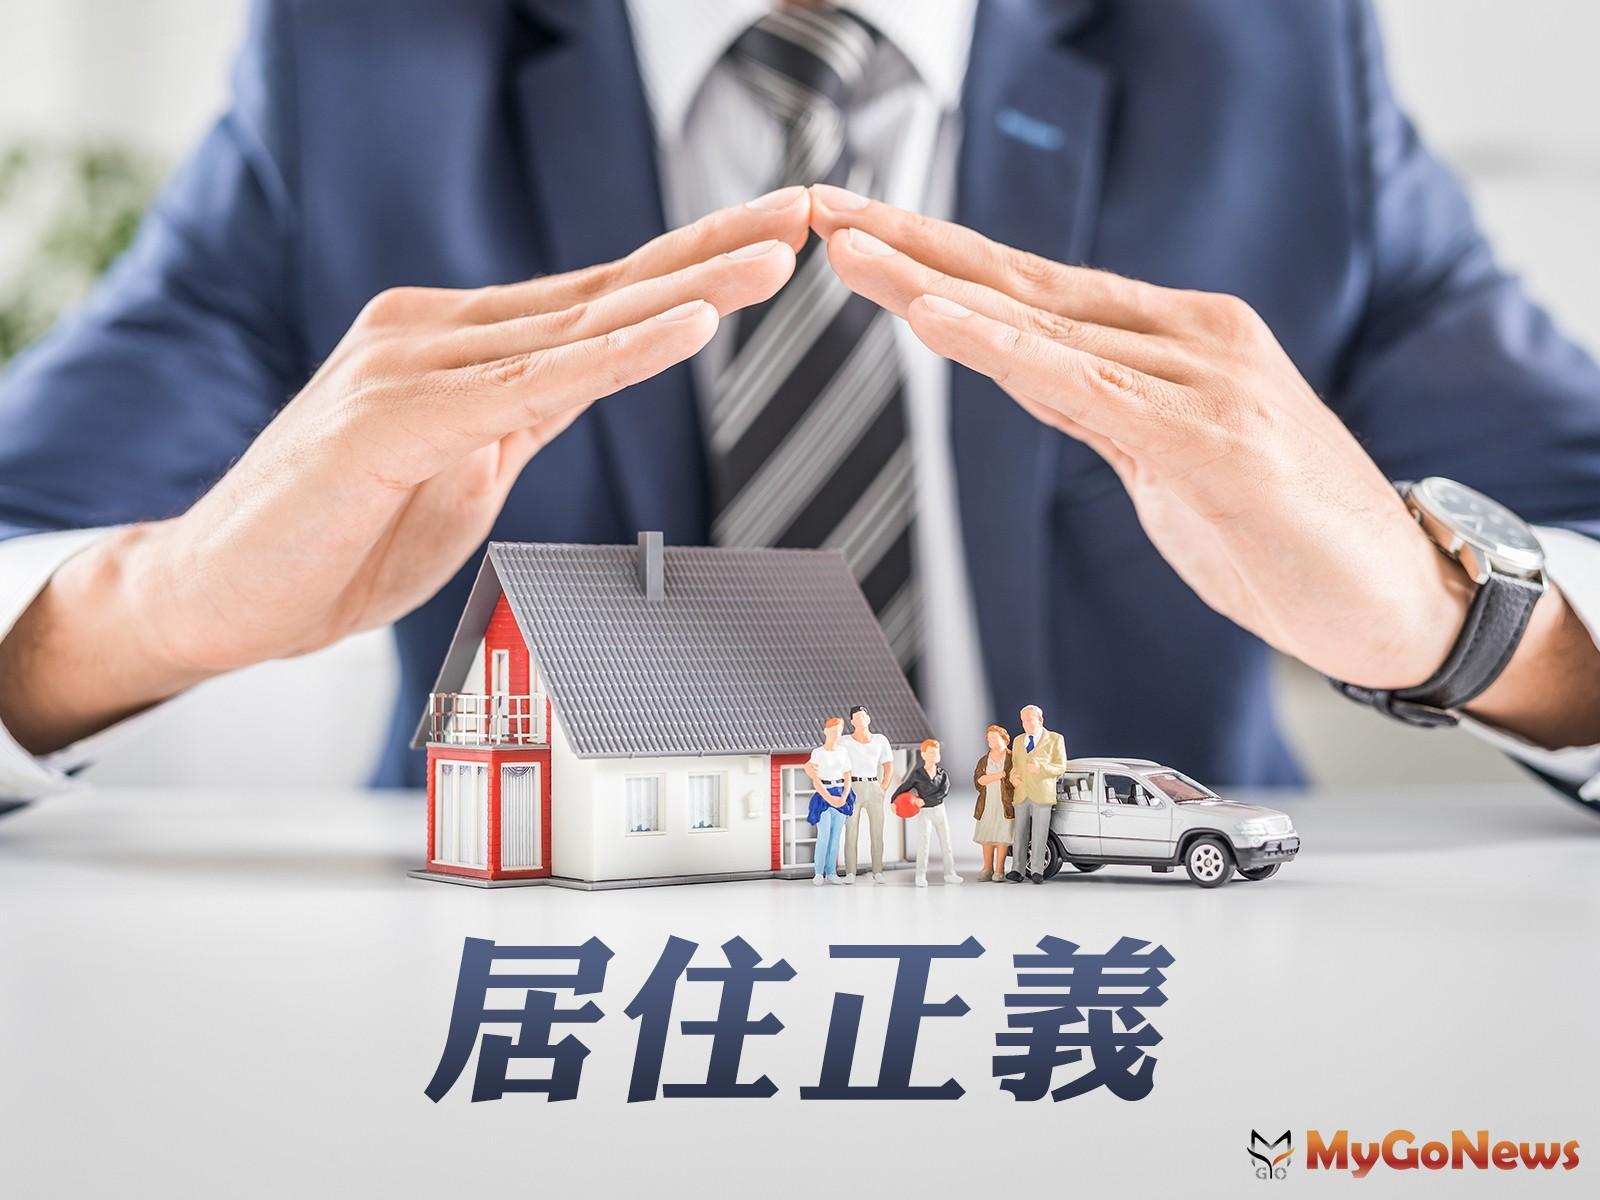 「2021居住正義2.0系列論壇Ⅴ-預售屋資訊與交易安全之探討與展望」將於9月14日舉行 MyGoNews房地產新聞 市場快訊